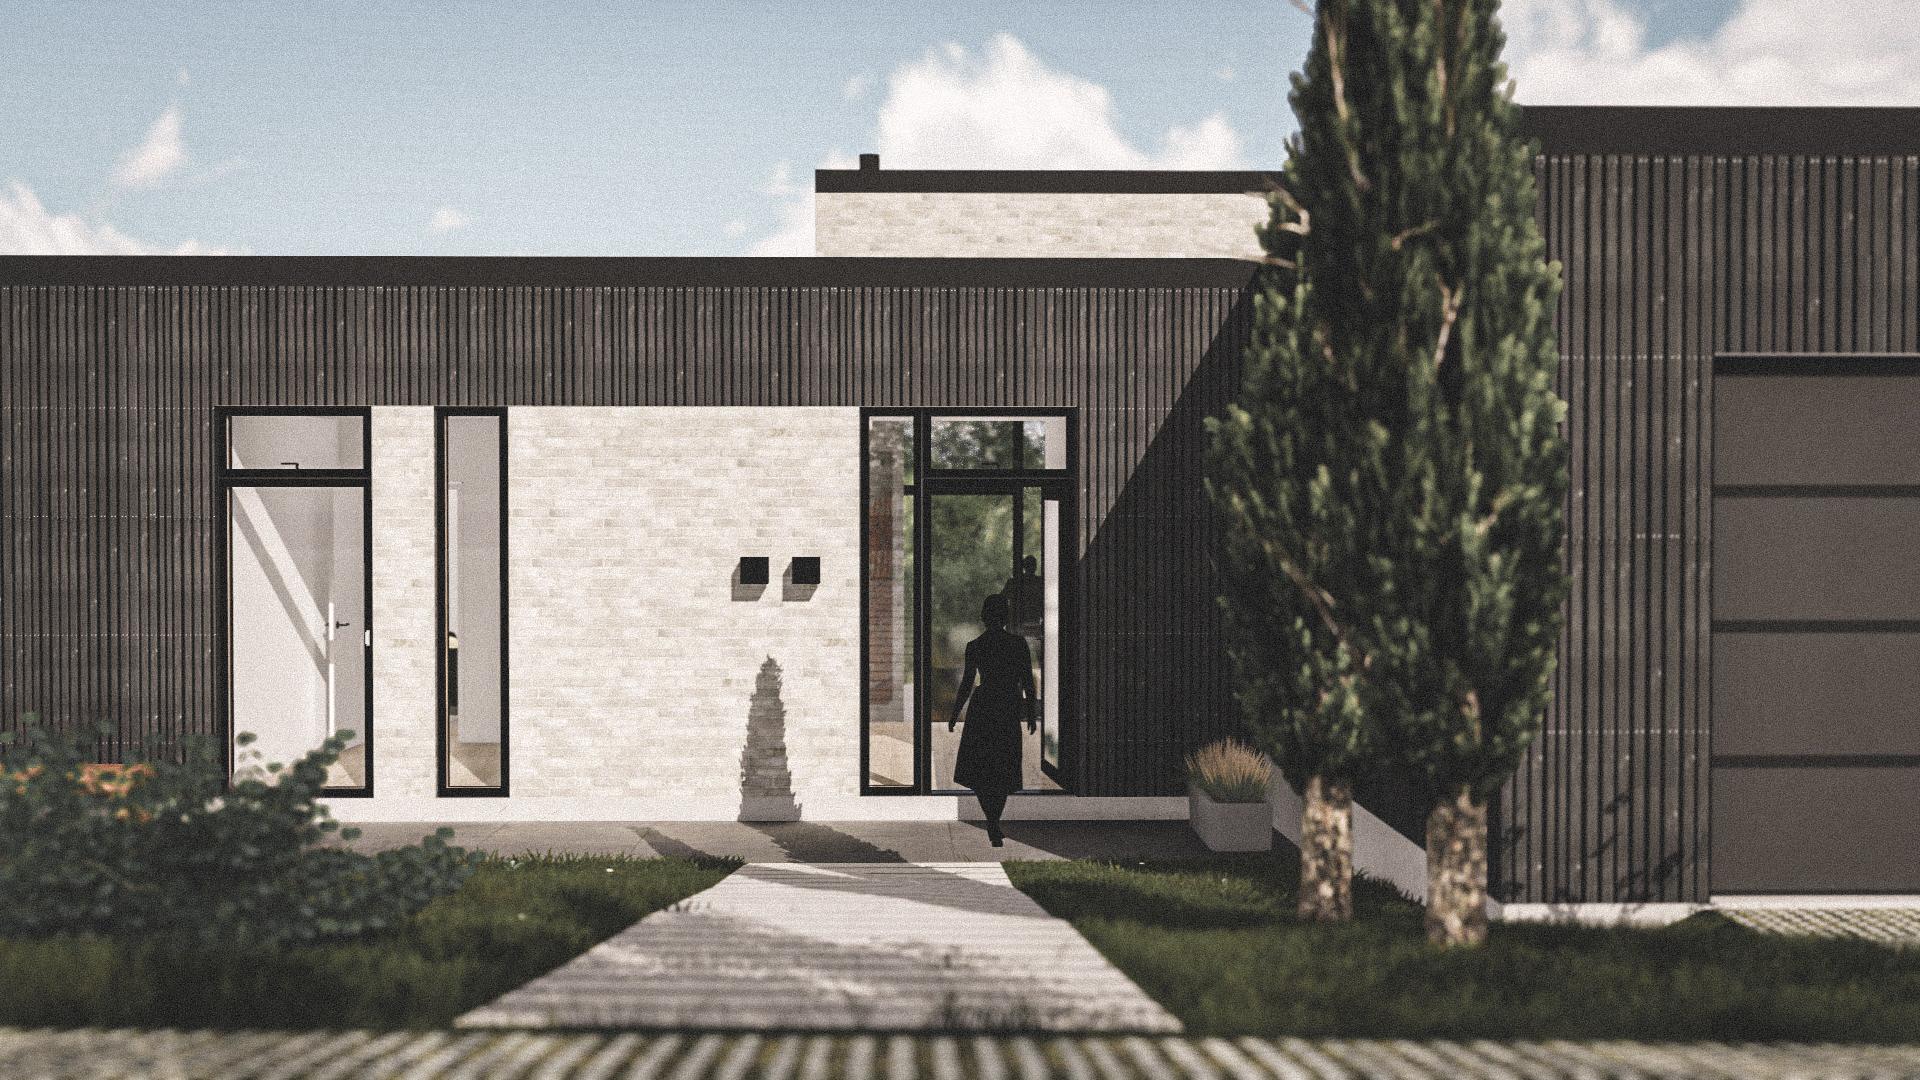 Billede af Dansk arkitekttegnet 1 plan villa af arkitektfirmaet m2plus, i Aabenraa på 176 kvartratmeter.